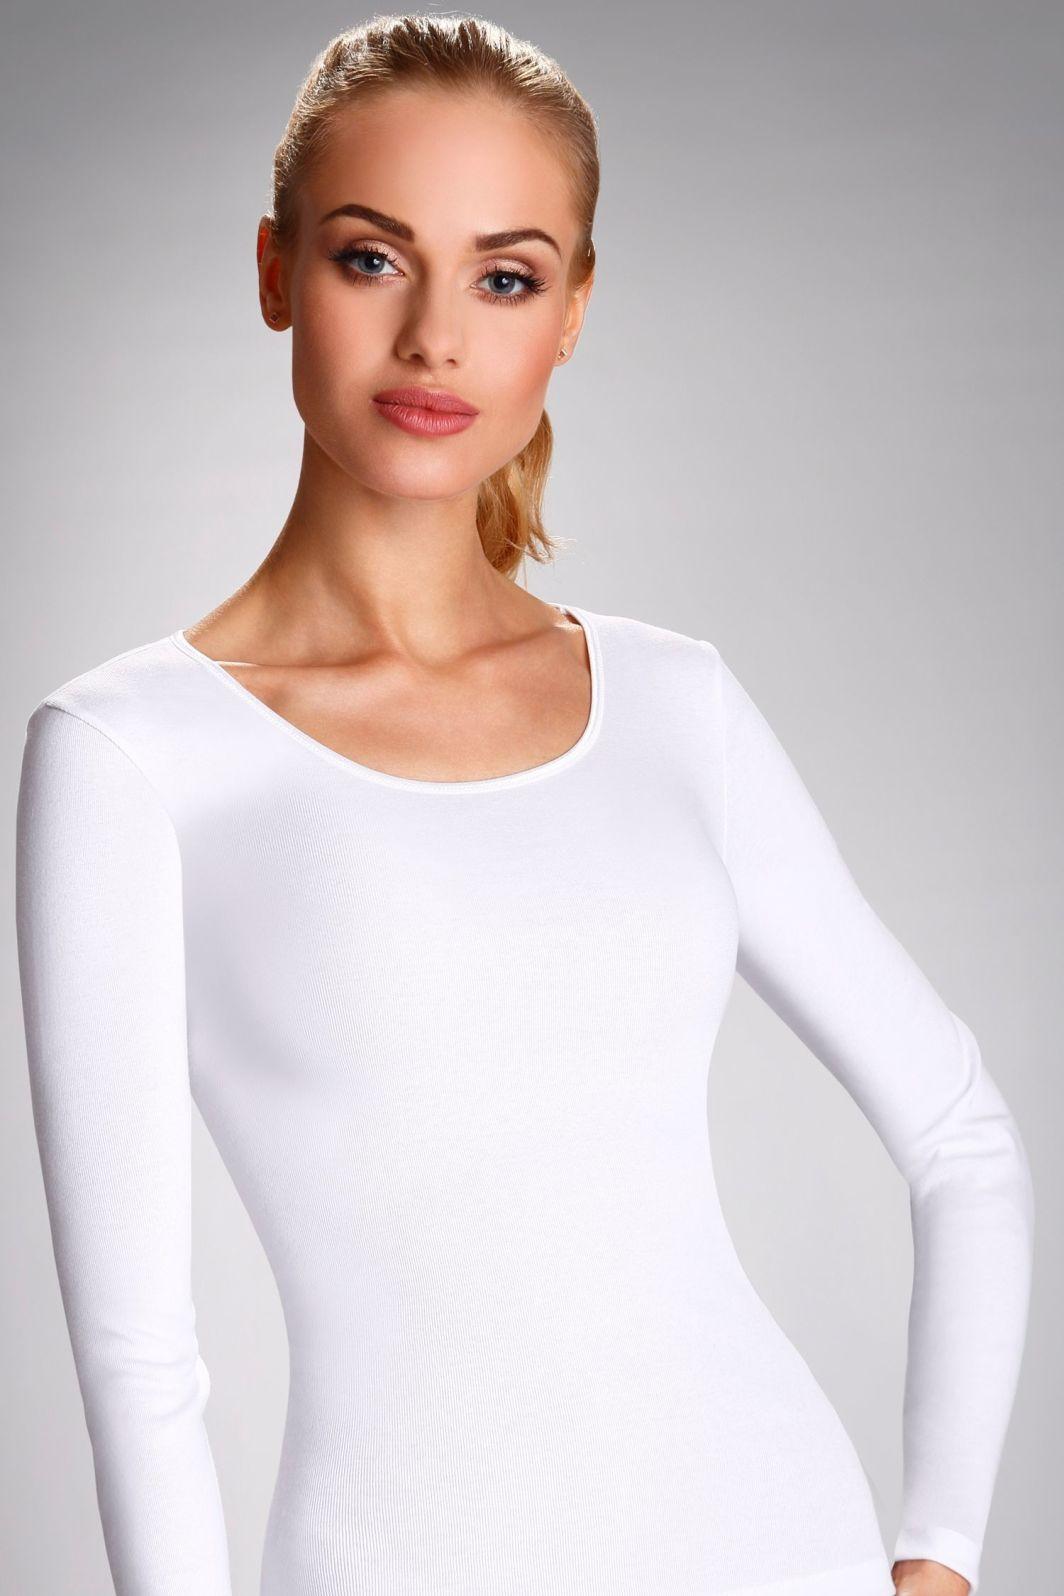 Eldar Koszulka irene biała r. M 1